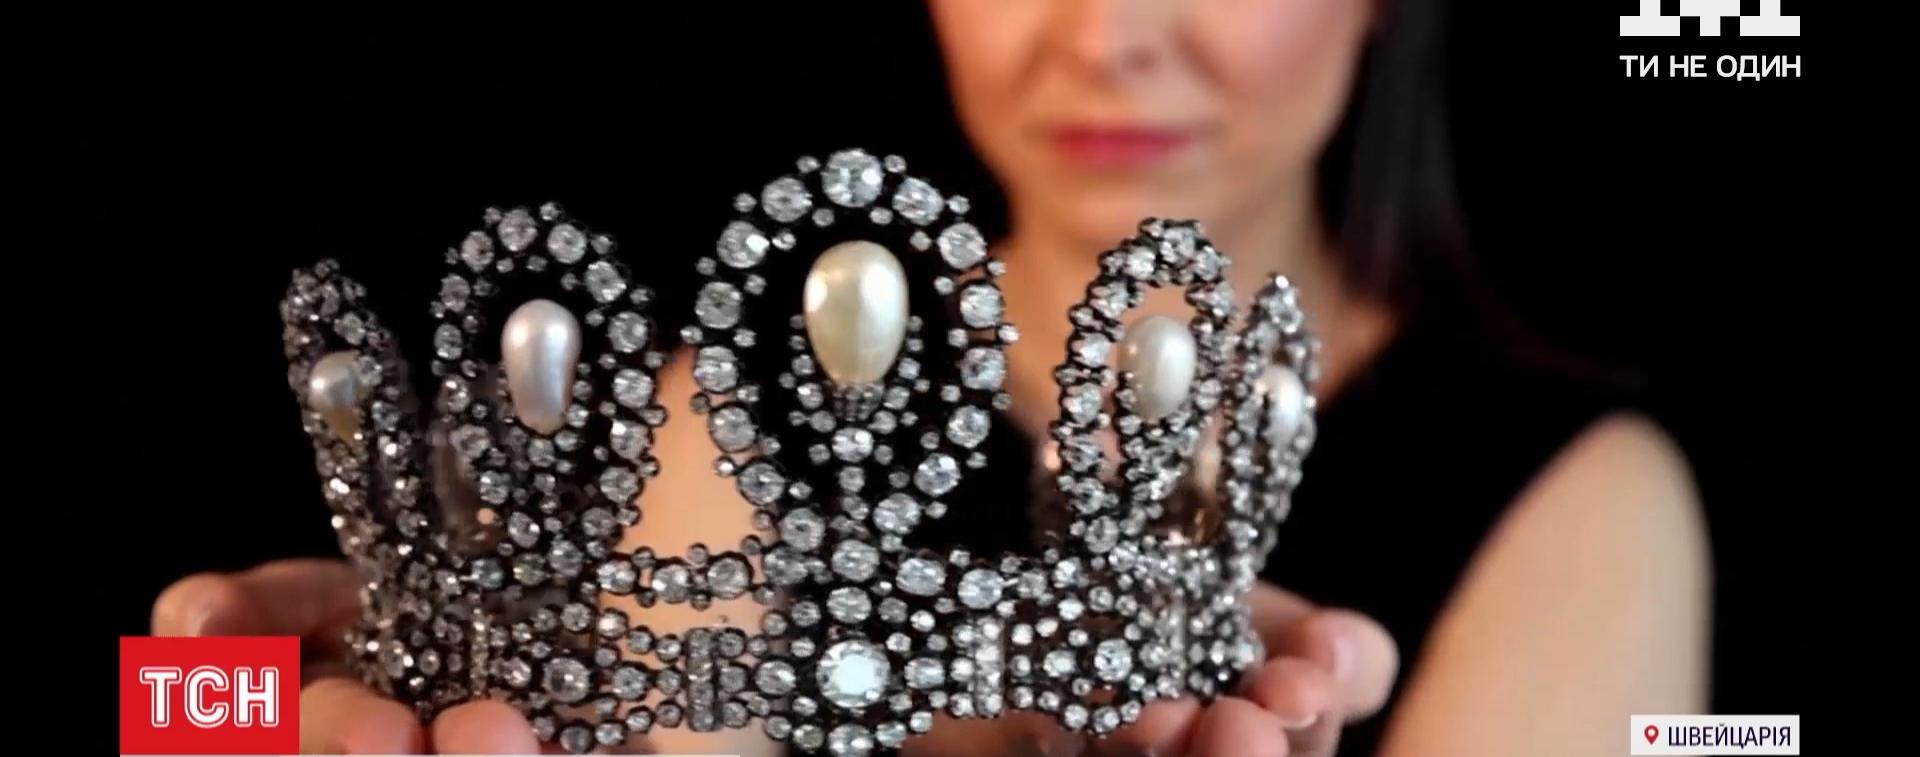 Королівську весільну тіару та рідкісні прикраси з сапфірами продадуть на аукціоні в Женеві